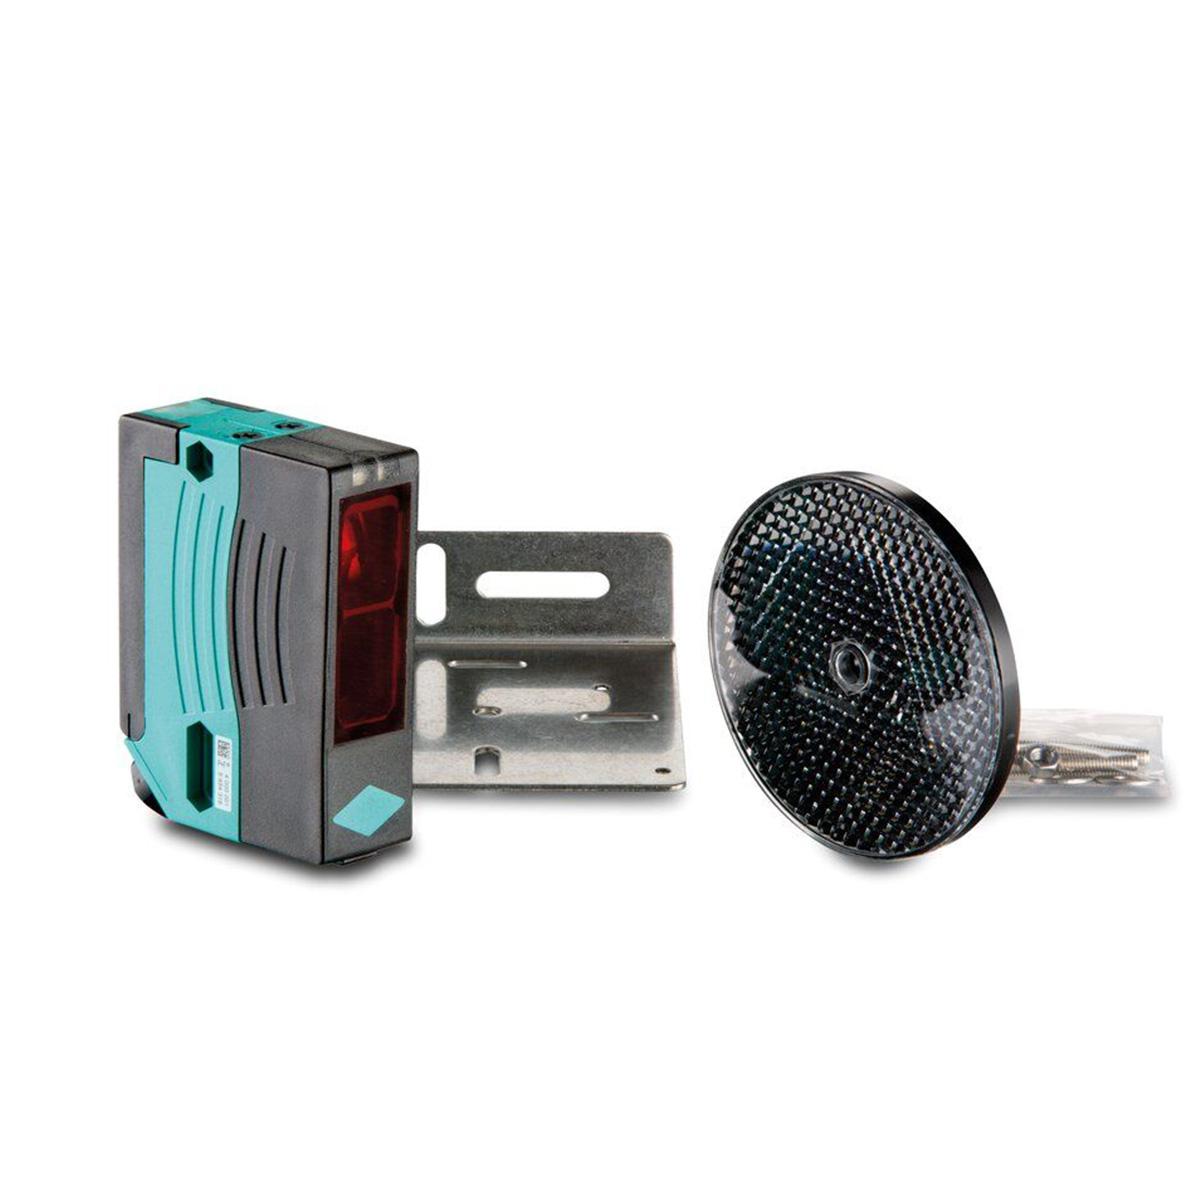 SOMMER Reflektions-Lichtschranke IP 67, mit Polfilter